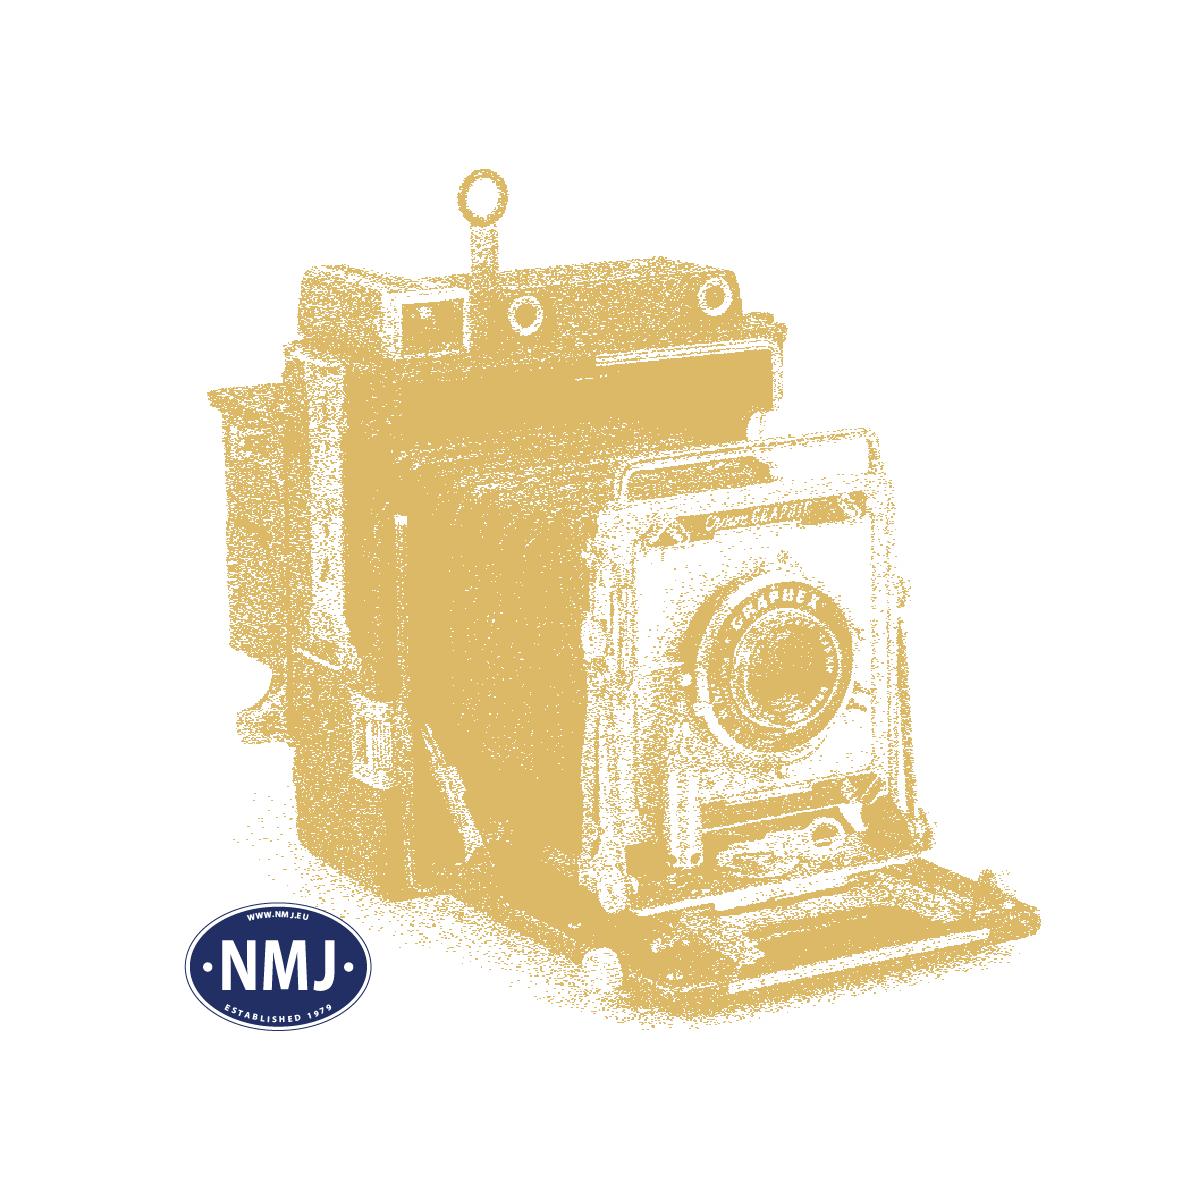 NMJT94008 - Topline SJ Y1 1366, Inter-Regio, DCC w/ Sound